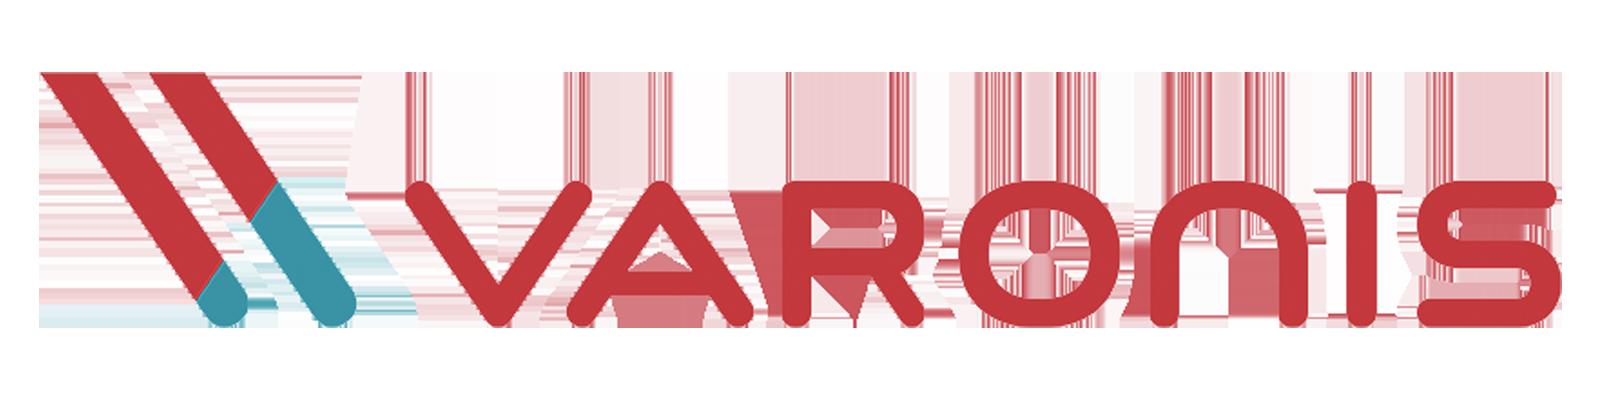 Varonis-Keller Schroeder Vendor Partner